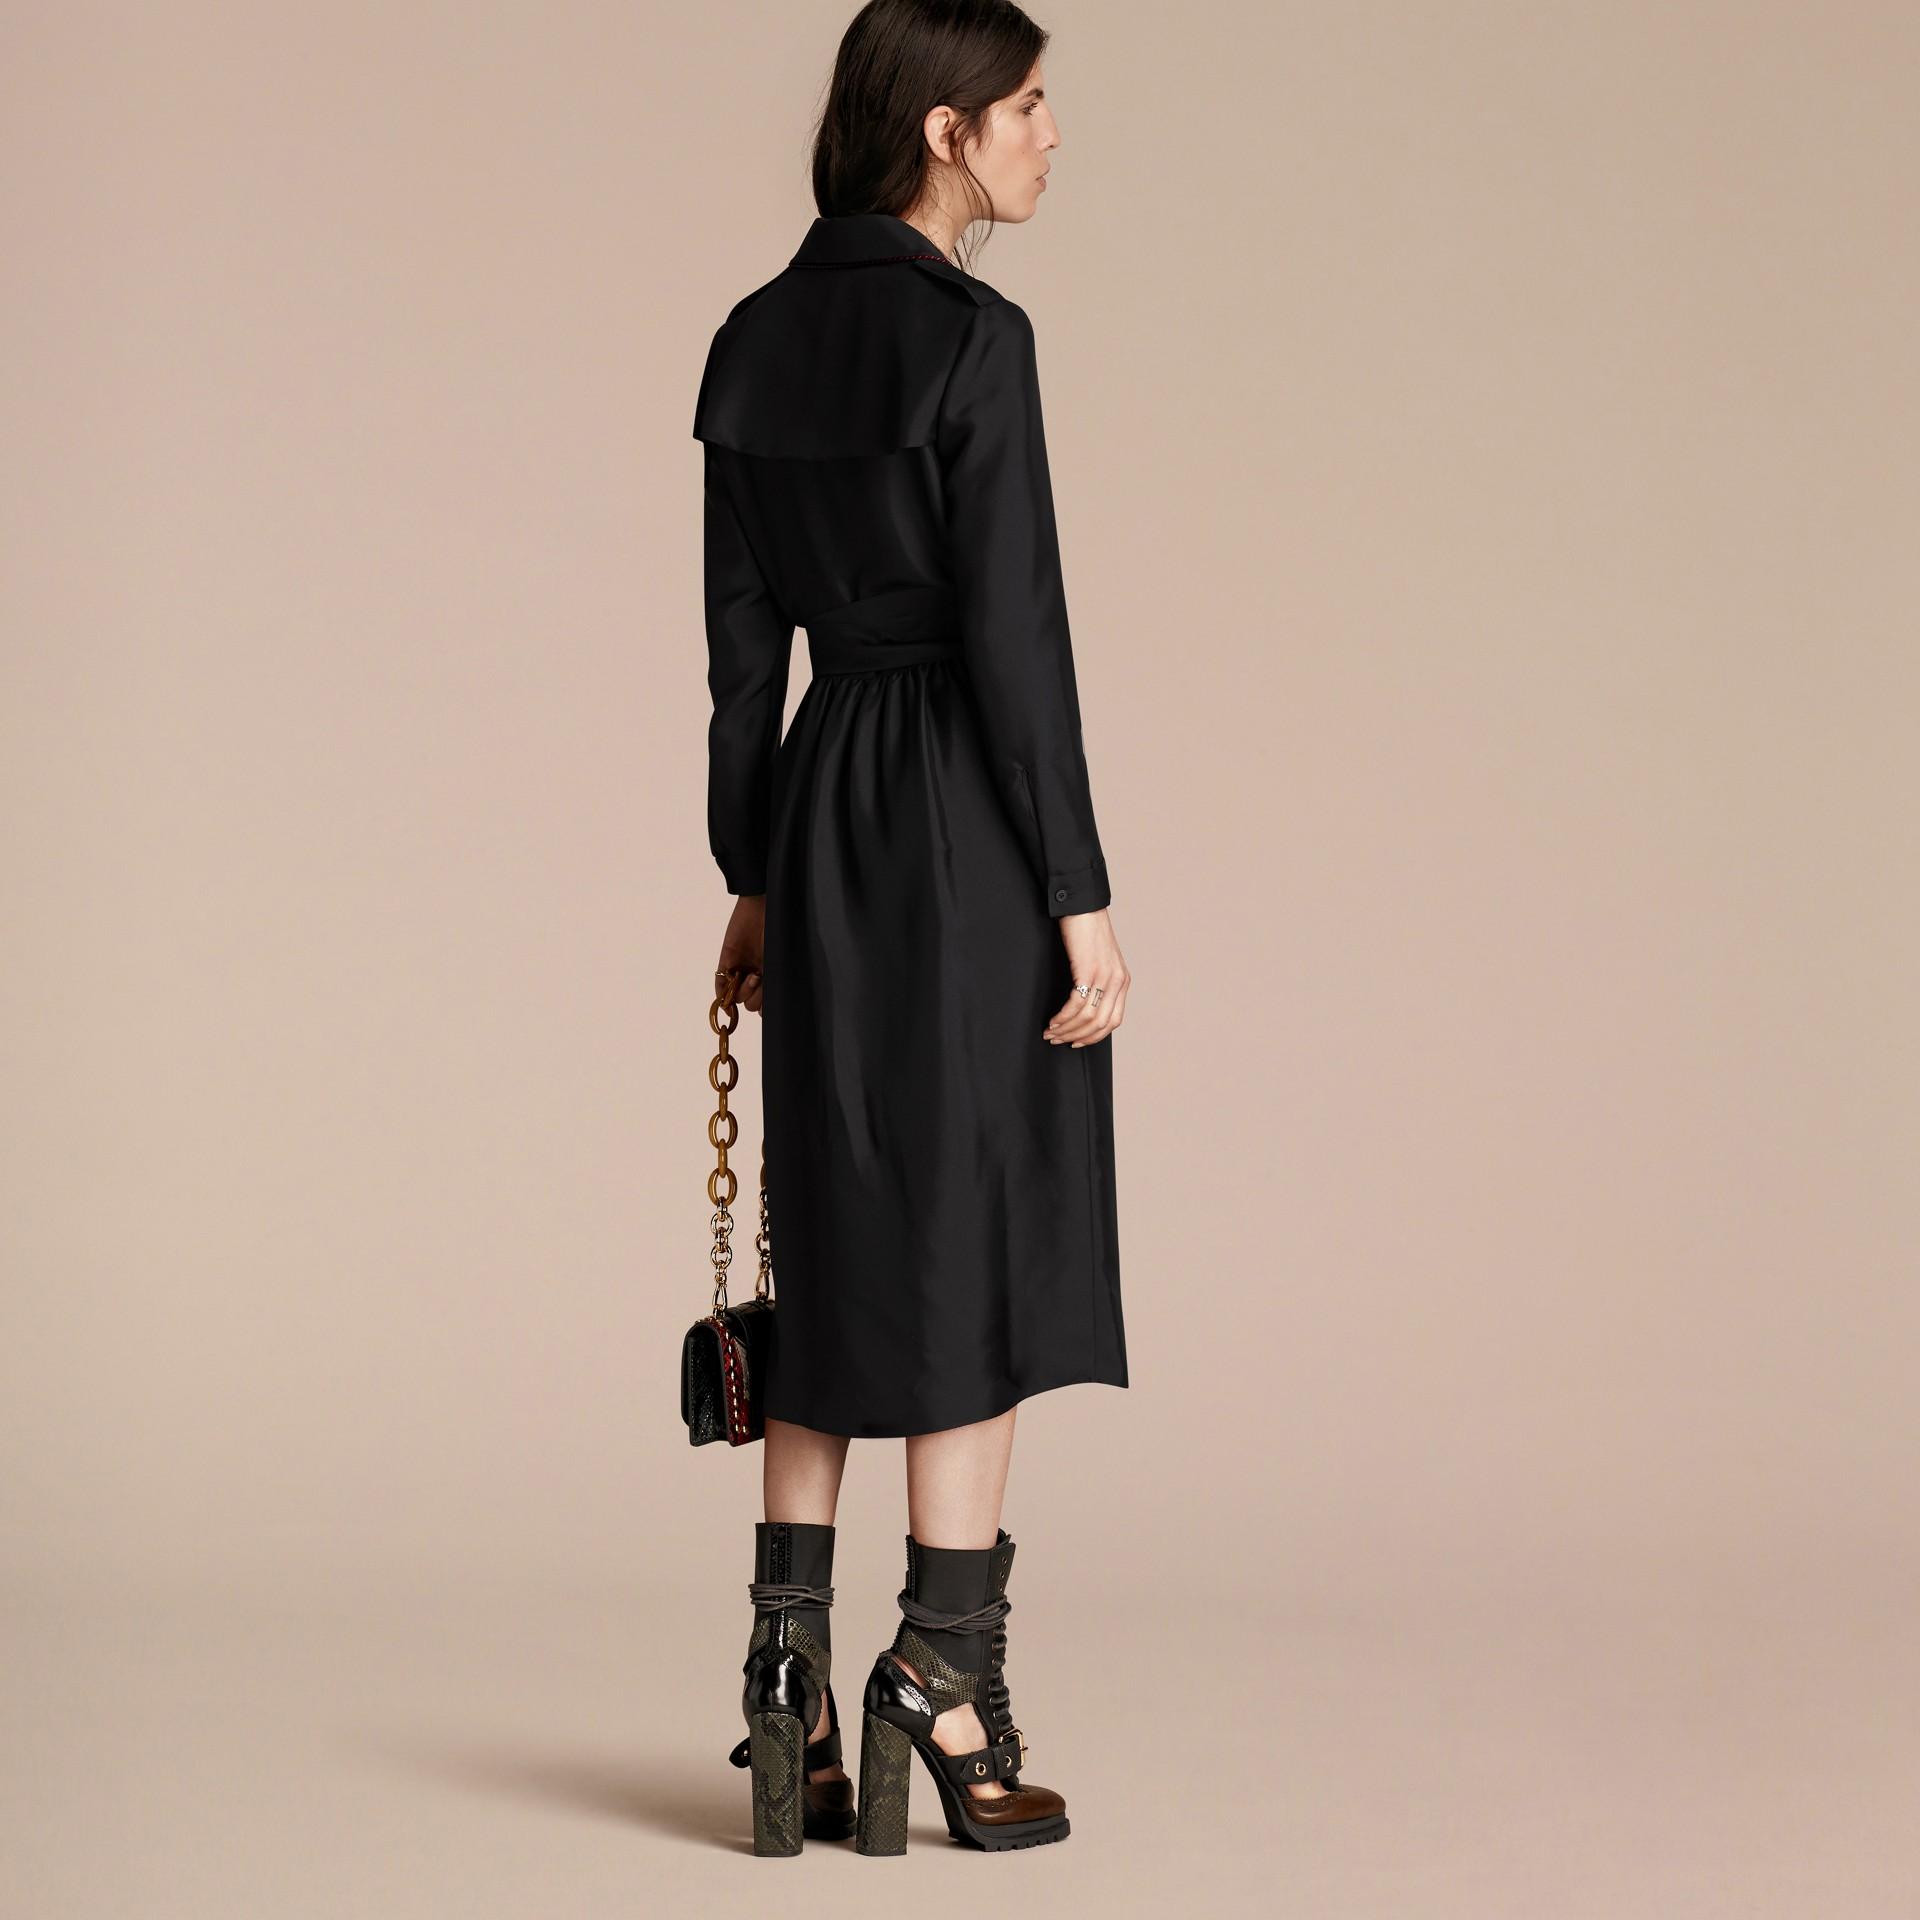 Noir Robe trench portefeuille en soie avec passepoils militaires - photo de la galerie 3